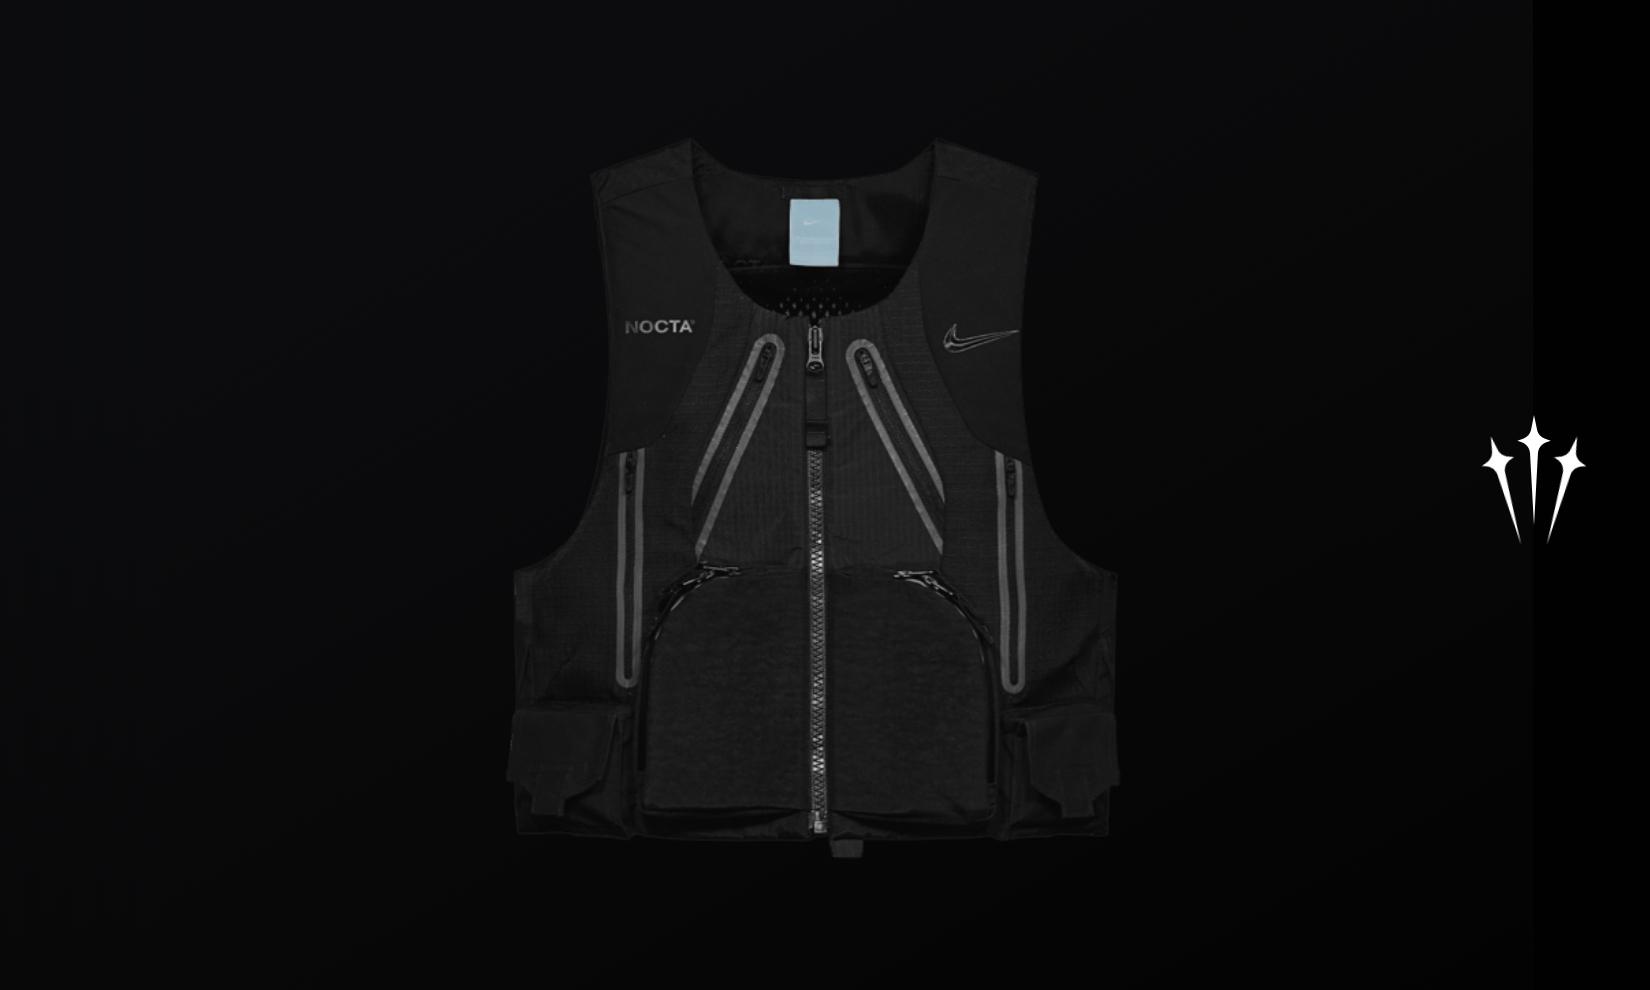 明年见,Drake x Nike「NOCTA」新品预览